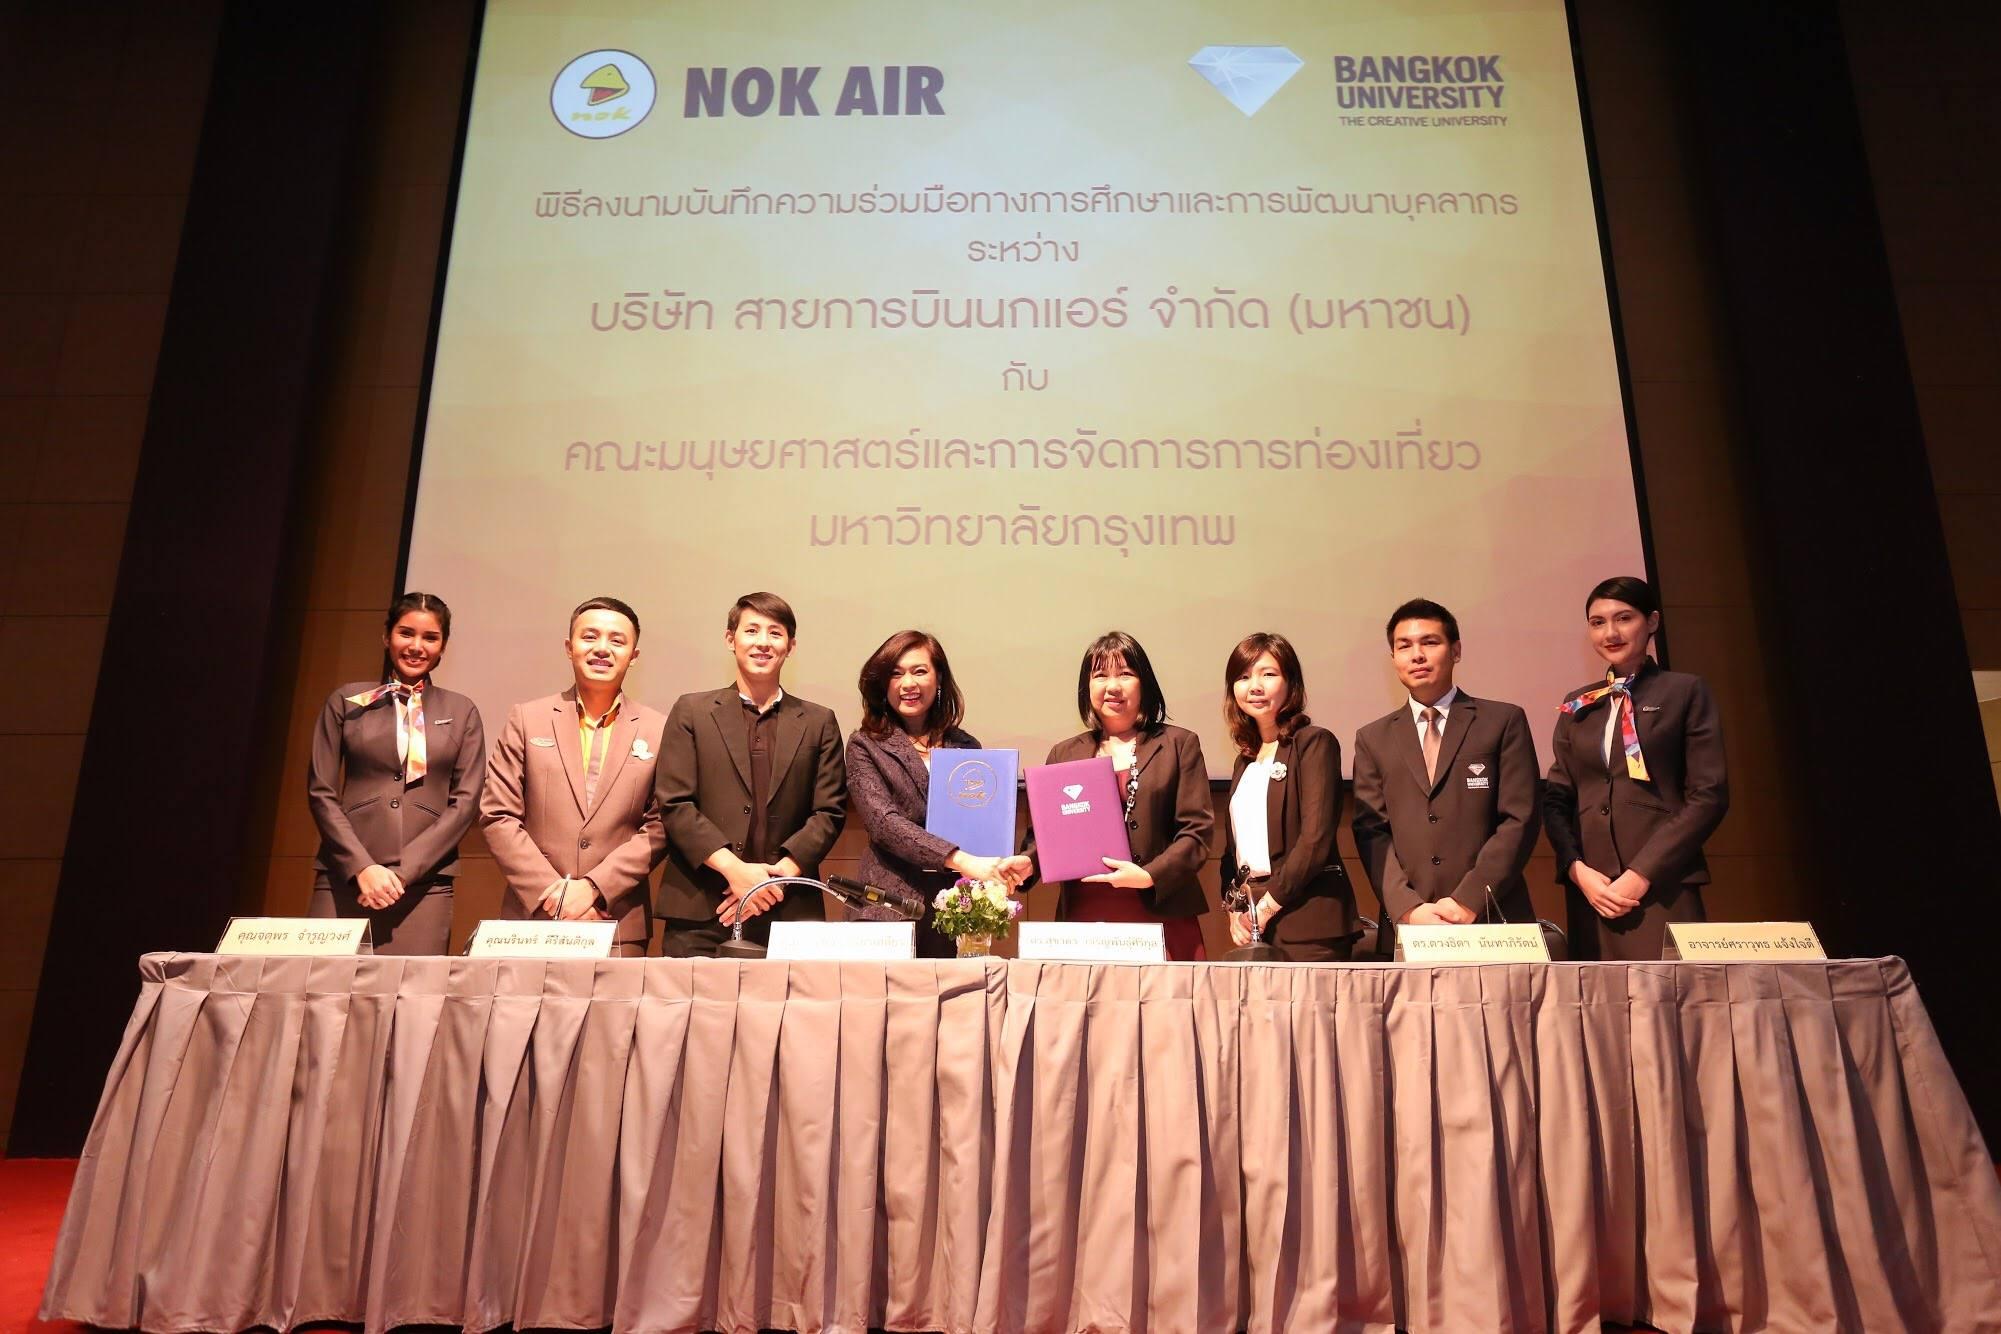 【曼大新闻】曼谷大学与飞鸟航空签署合作备忘录